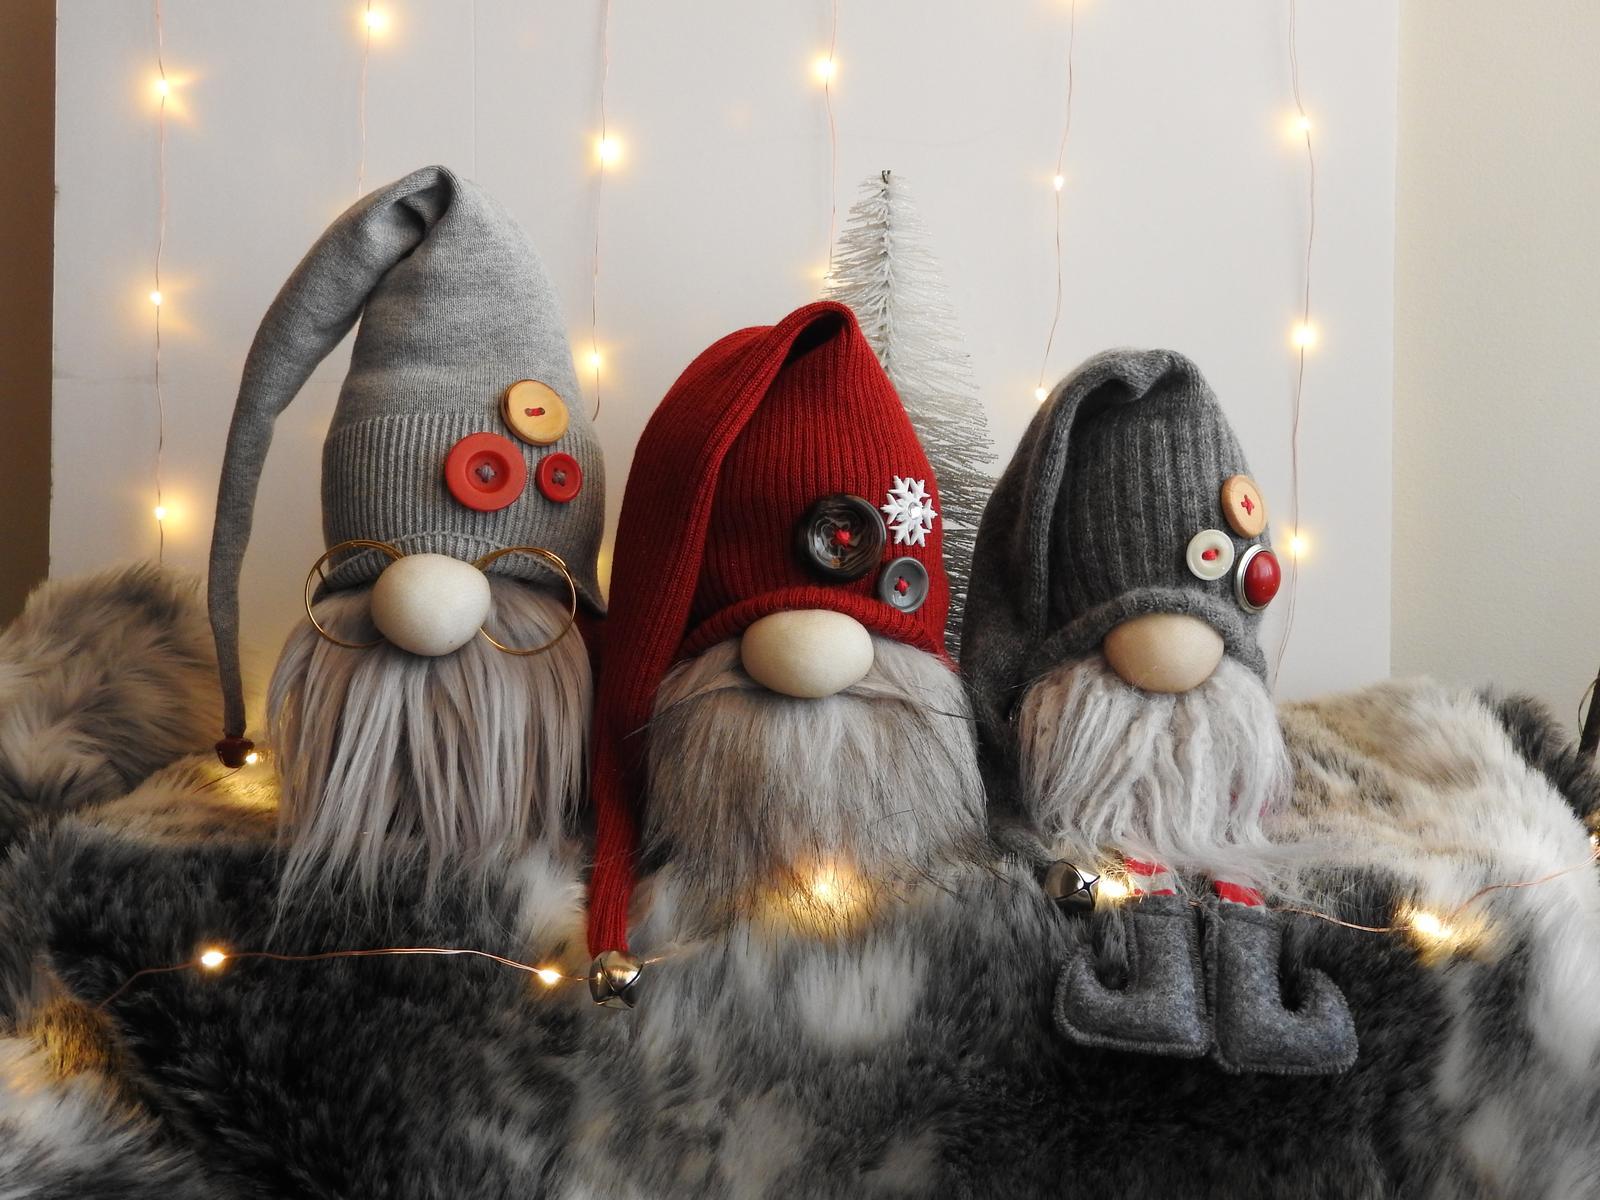 Every Gnome needs a Home